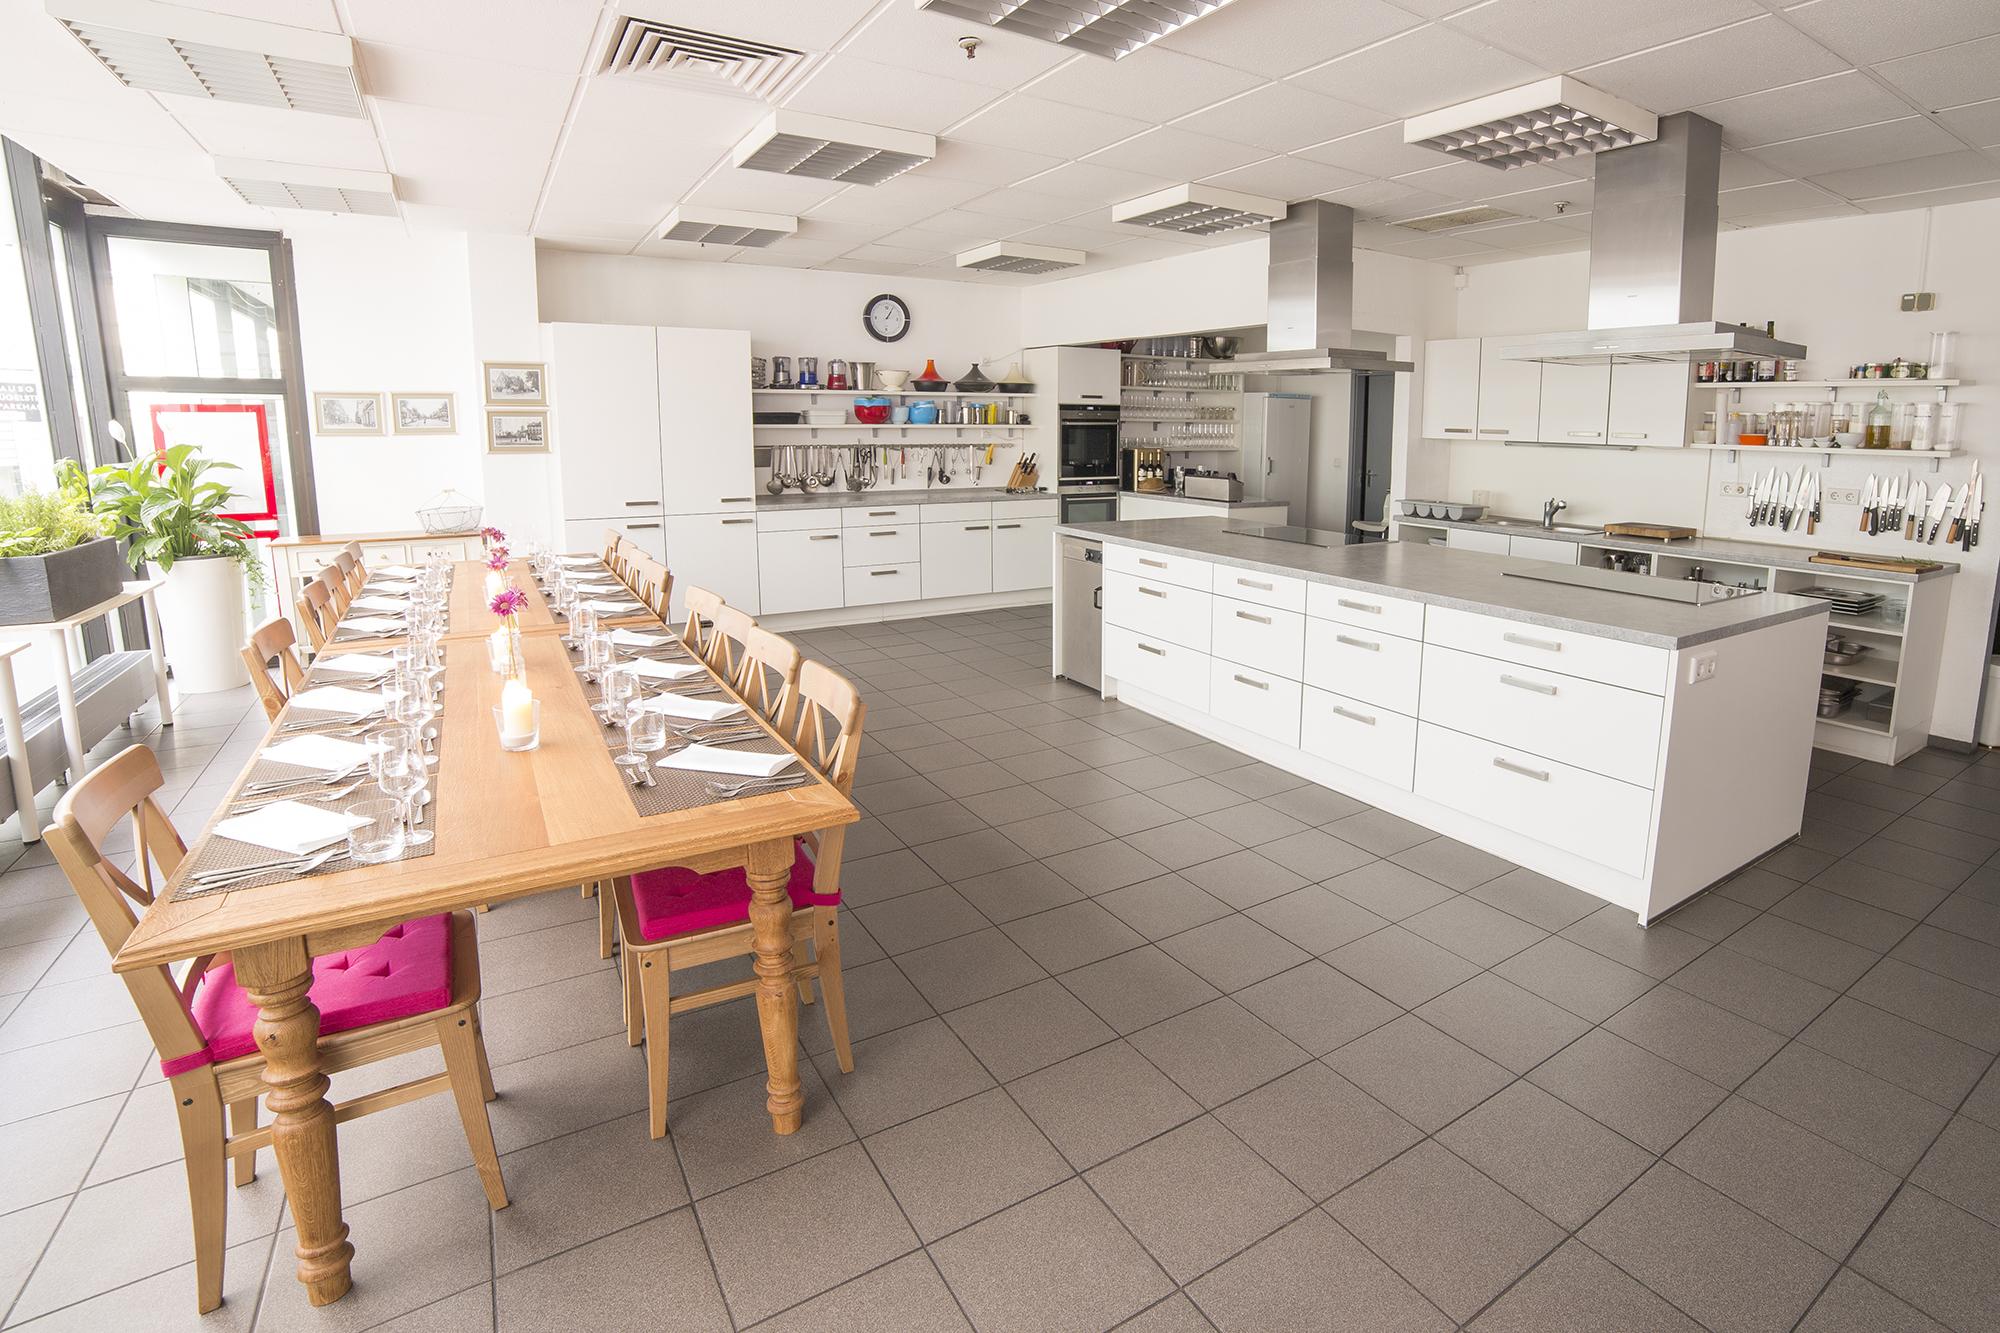 Kochkurse in der Kochschule Darmstadt